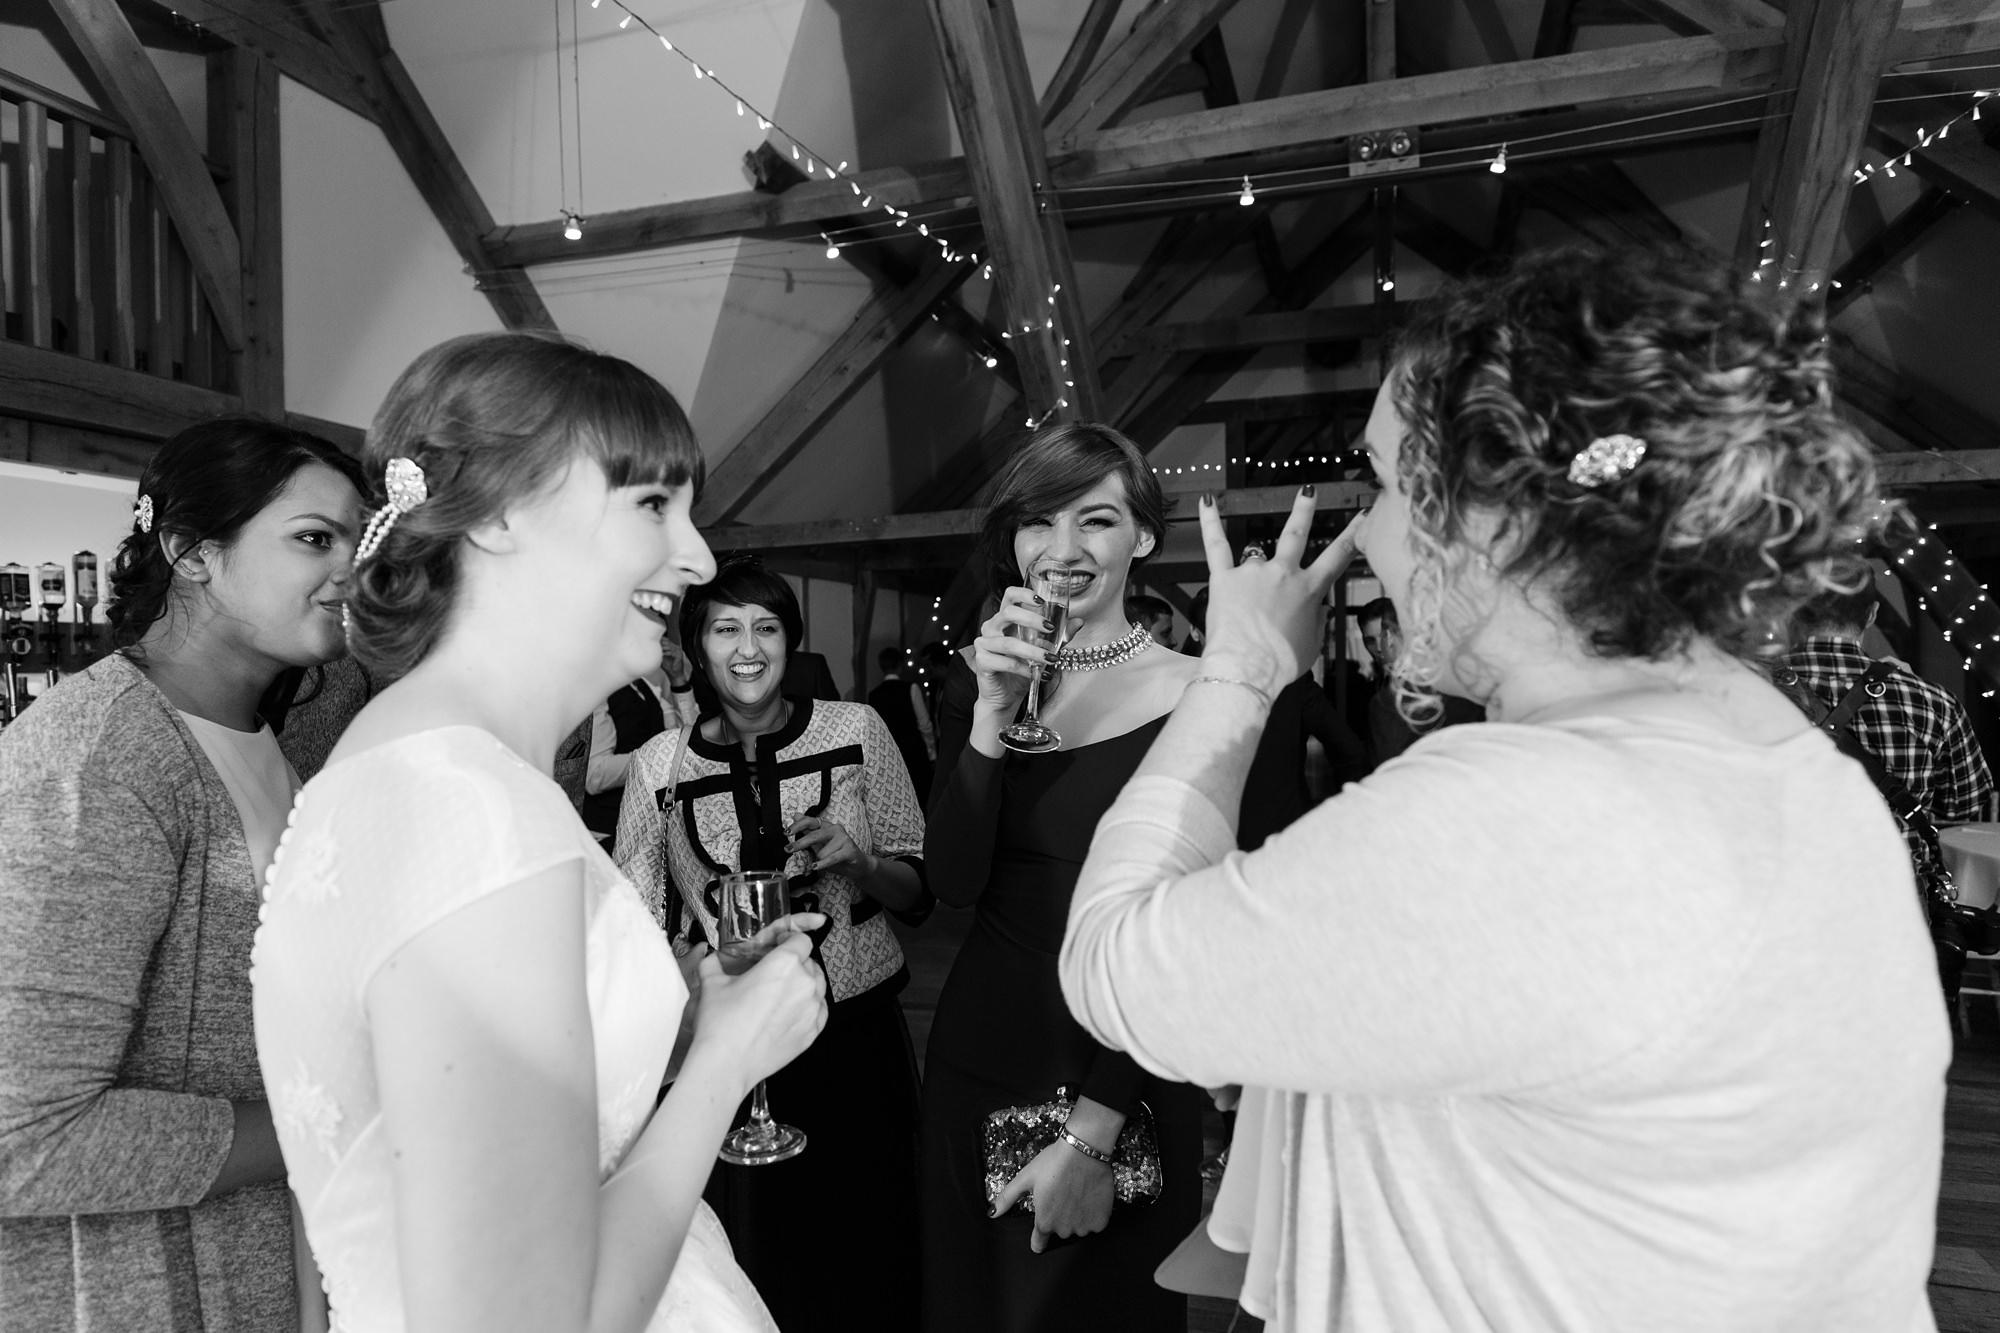 Guest at wedding party at Sandburn Hall having fun